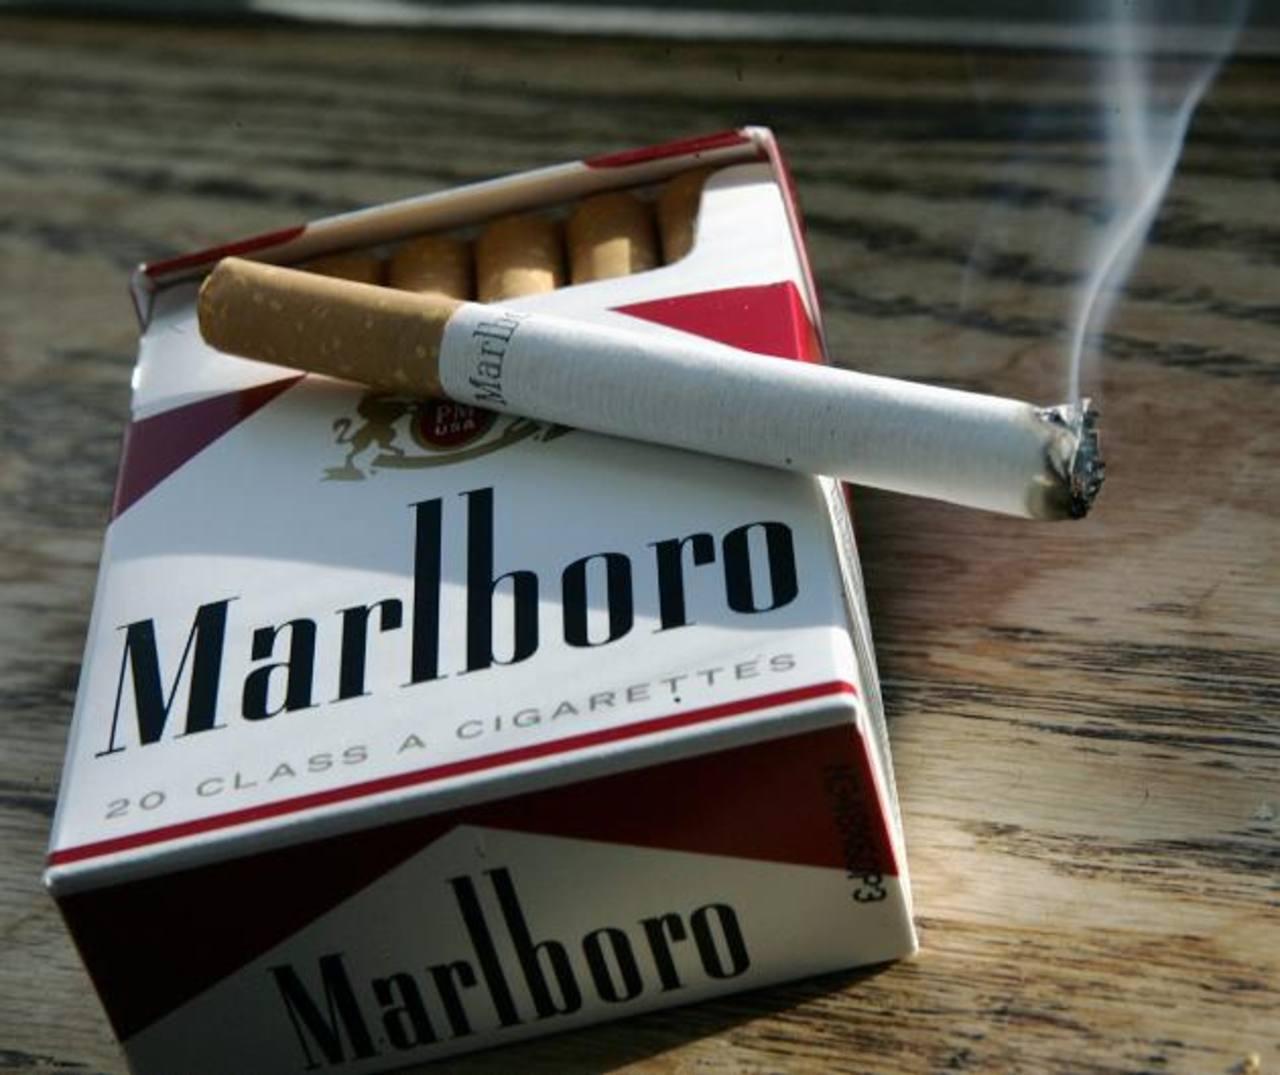 Philip Morris USA Inc., RJ Reynolds Tobacco Co., y Lorillard Tobacco Co. deberán pagar la millonaria multa.